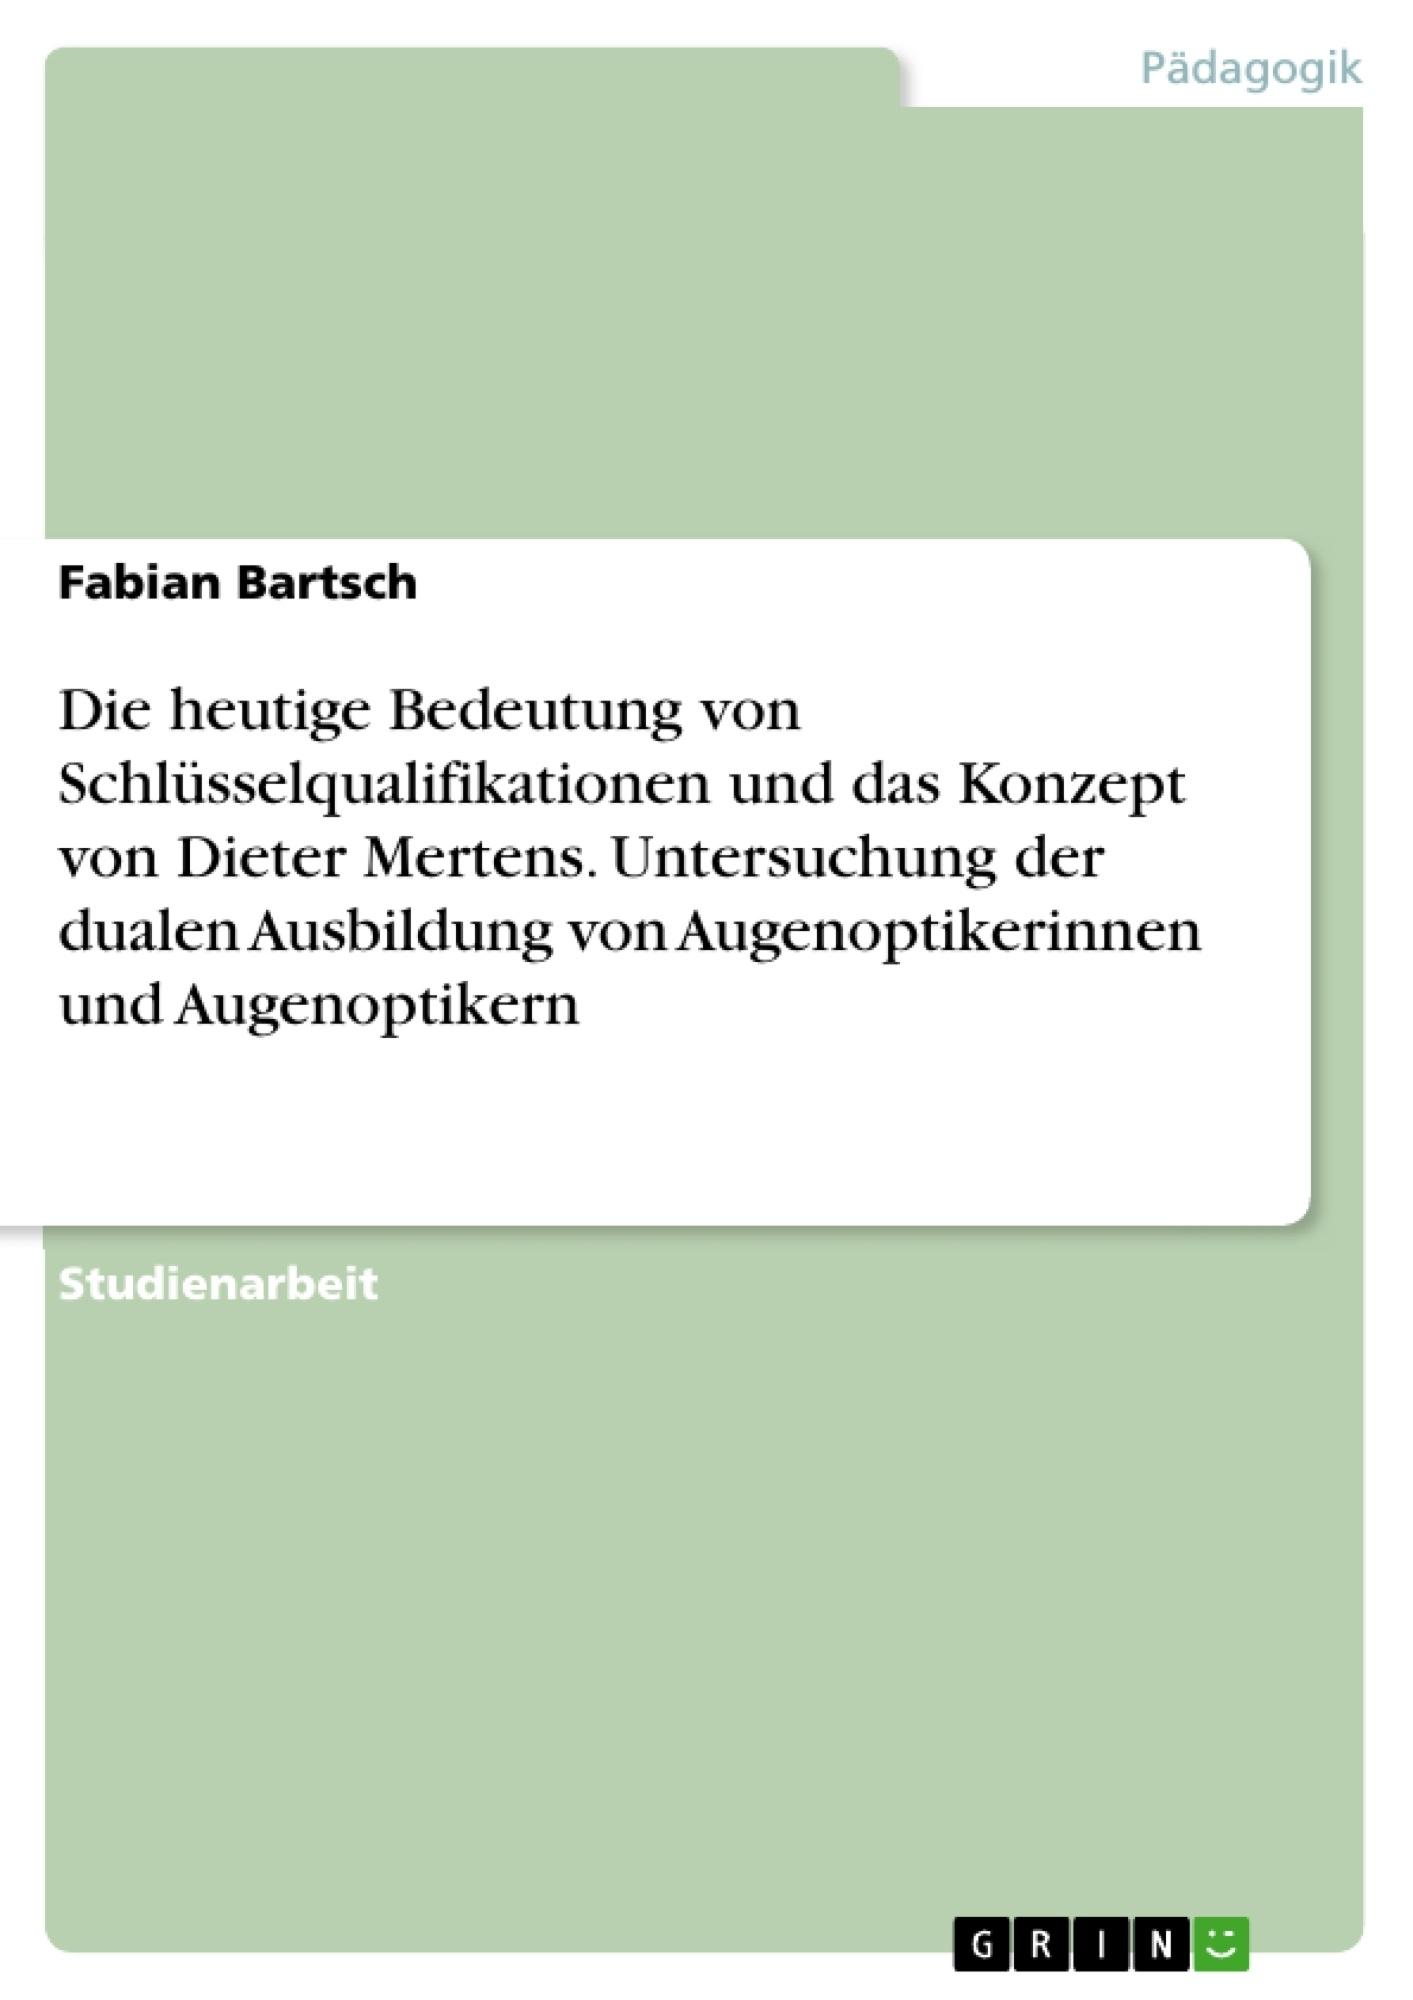 Titel: Die heutige Bedeutung von Schlüsselqualifikationen und das Konzept von Dieter Mertens. Untersuchung der dualen Ausbildung von Augenoptikerinnen und Augenoptikern